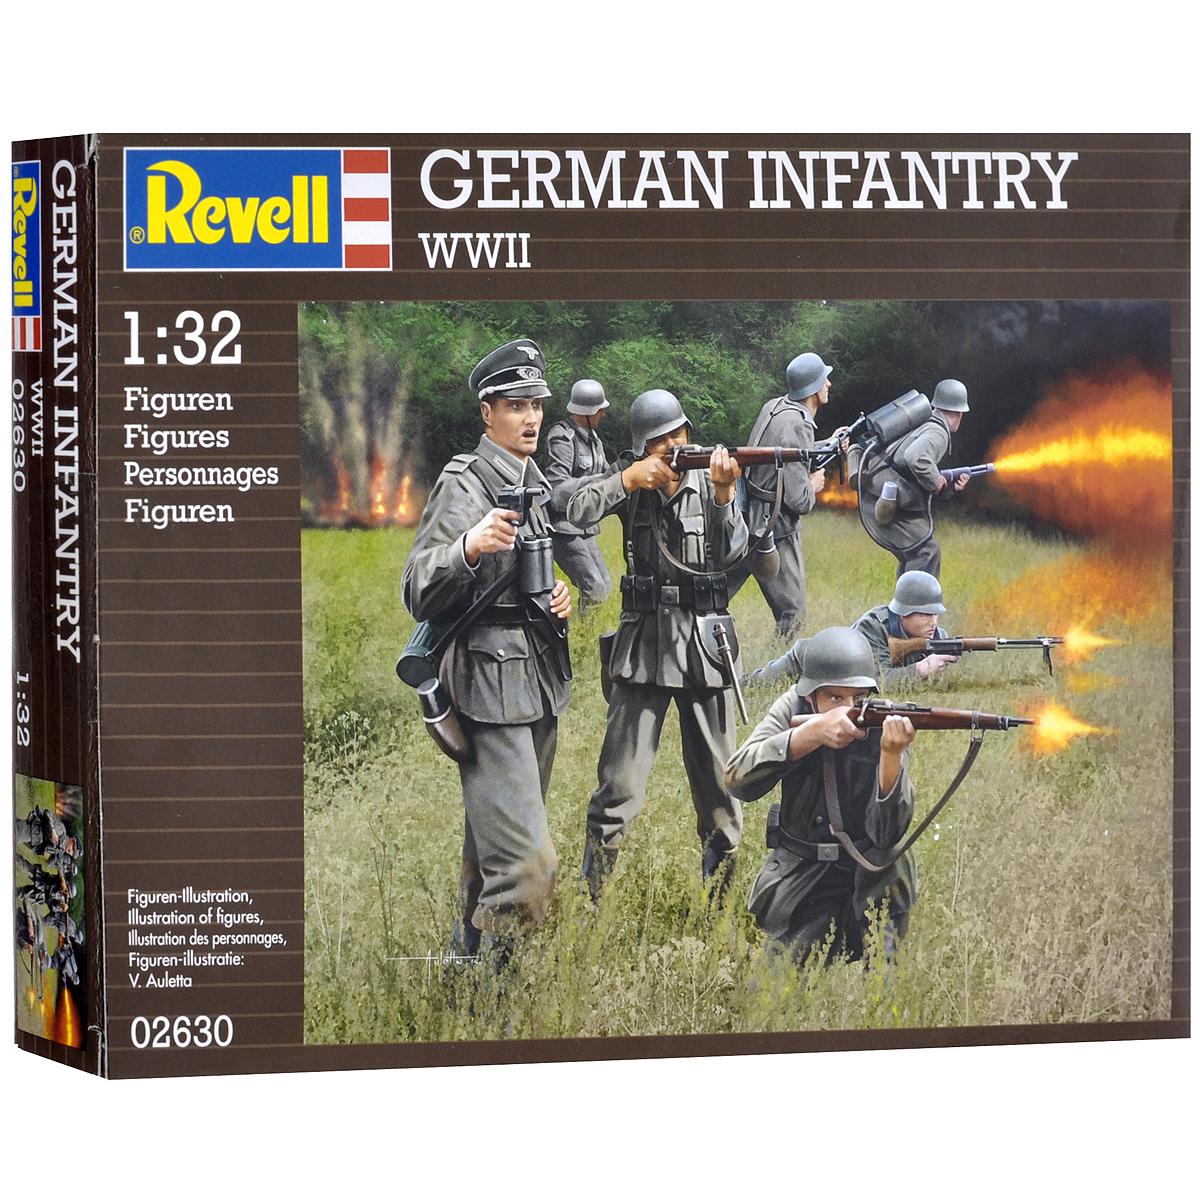 Набор миниатюр Revell Немецкая пехота2630В комплект набора миниатюр Revell Немецкая пехота входят 15 пластиковых неокрашенных темно-зеленых фигурок в виде солдатов немецкой пехоты времен Второй Мировой войны в различных позах. Реалистичный вид фигурок позволит воспроизвести события минувших дней. Занимаясь раскраской фигур и играя с ними, ребенок сможет развивать ловкость, мелкую моторику рук, терпение усидчивость, а также получит исторические знания. Клей и краски в комплект не входят.